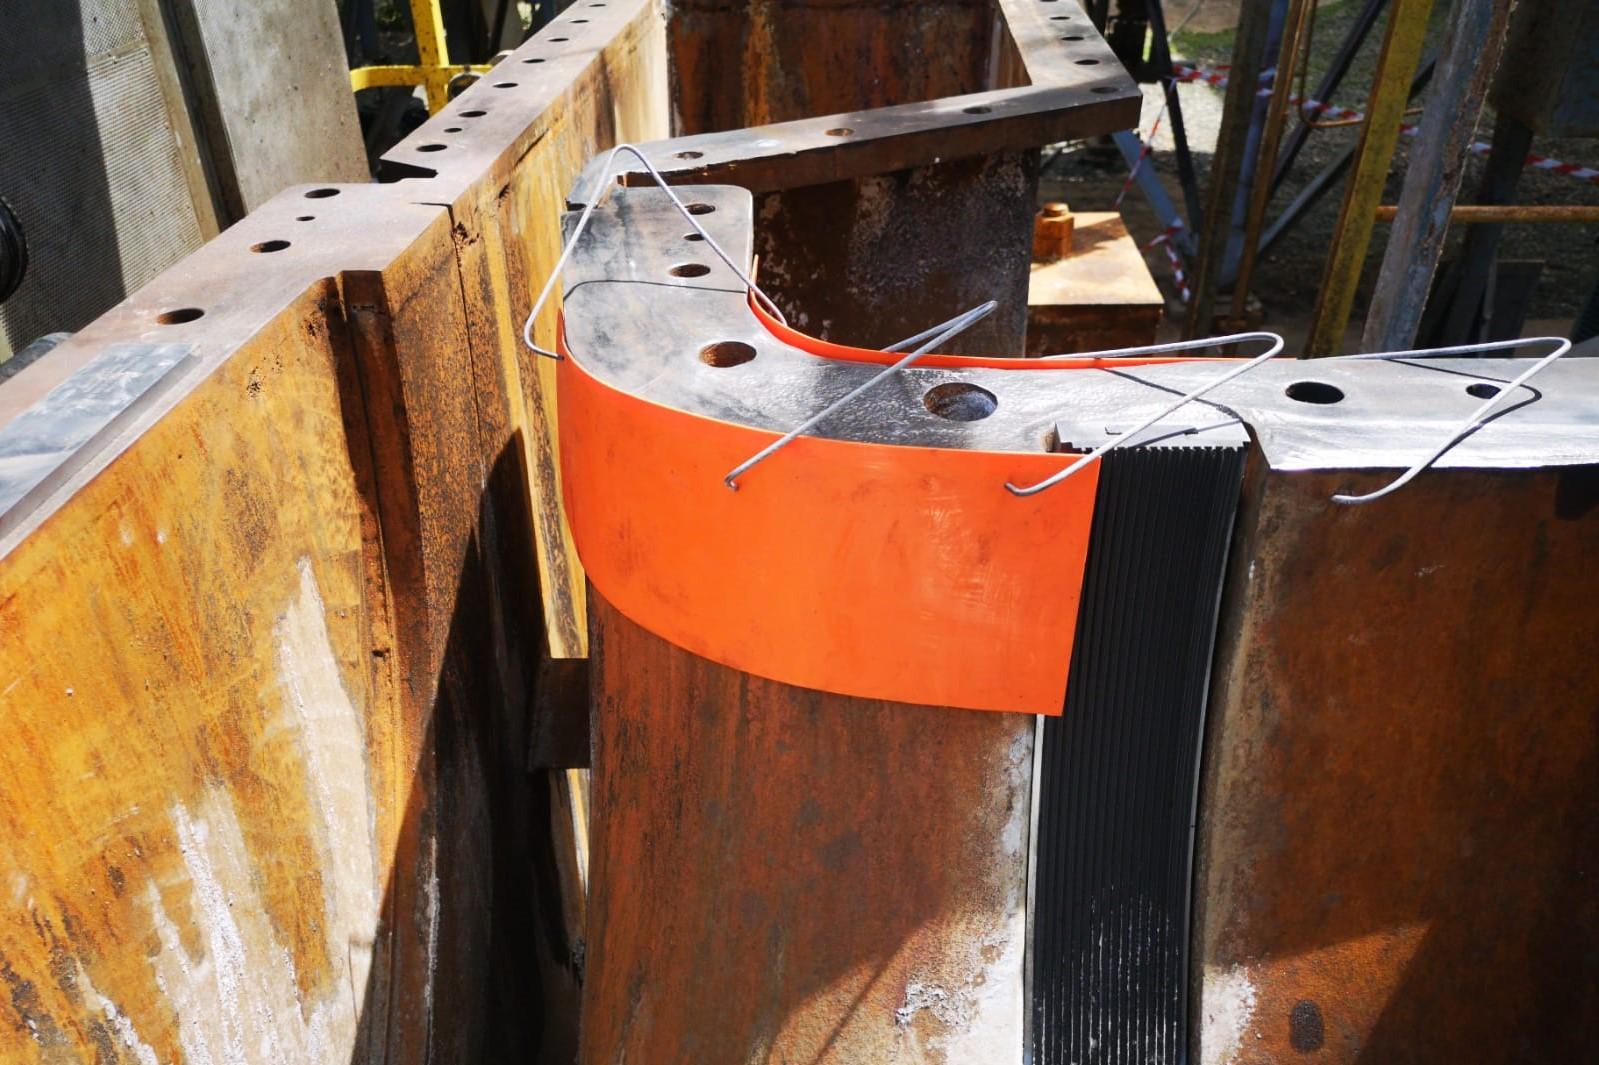 Belzona 1111 - Ricostruzione piano compressore - Preparazione